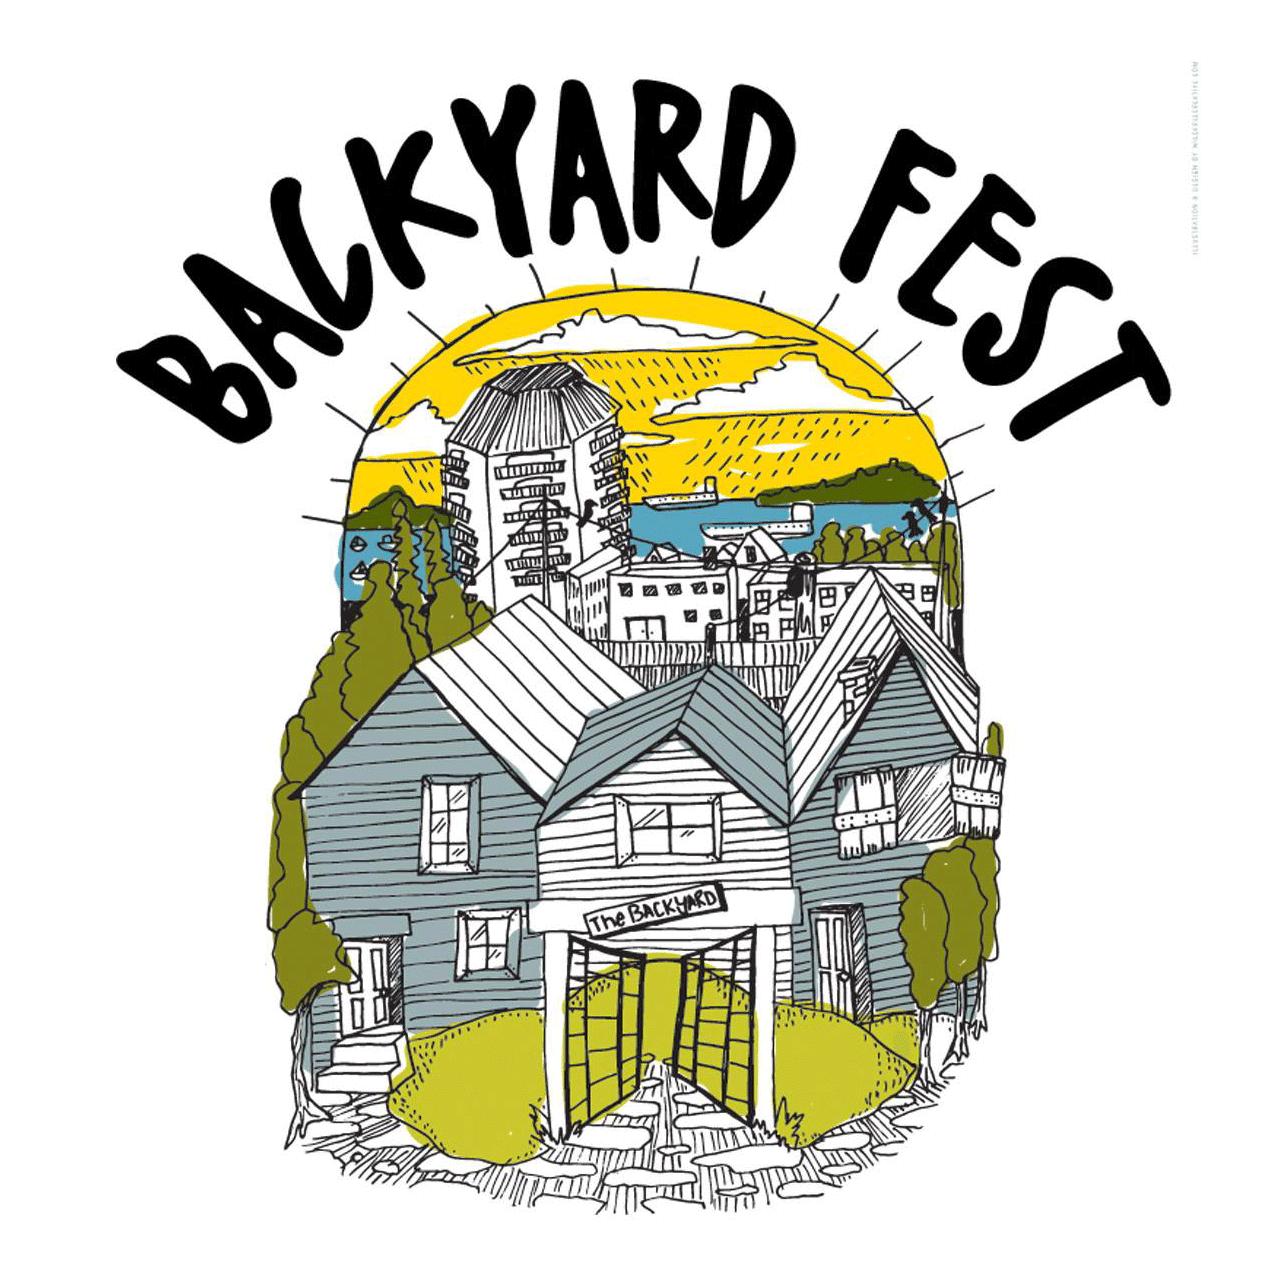 backyardfest-2019.png